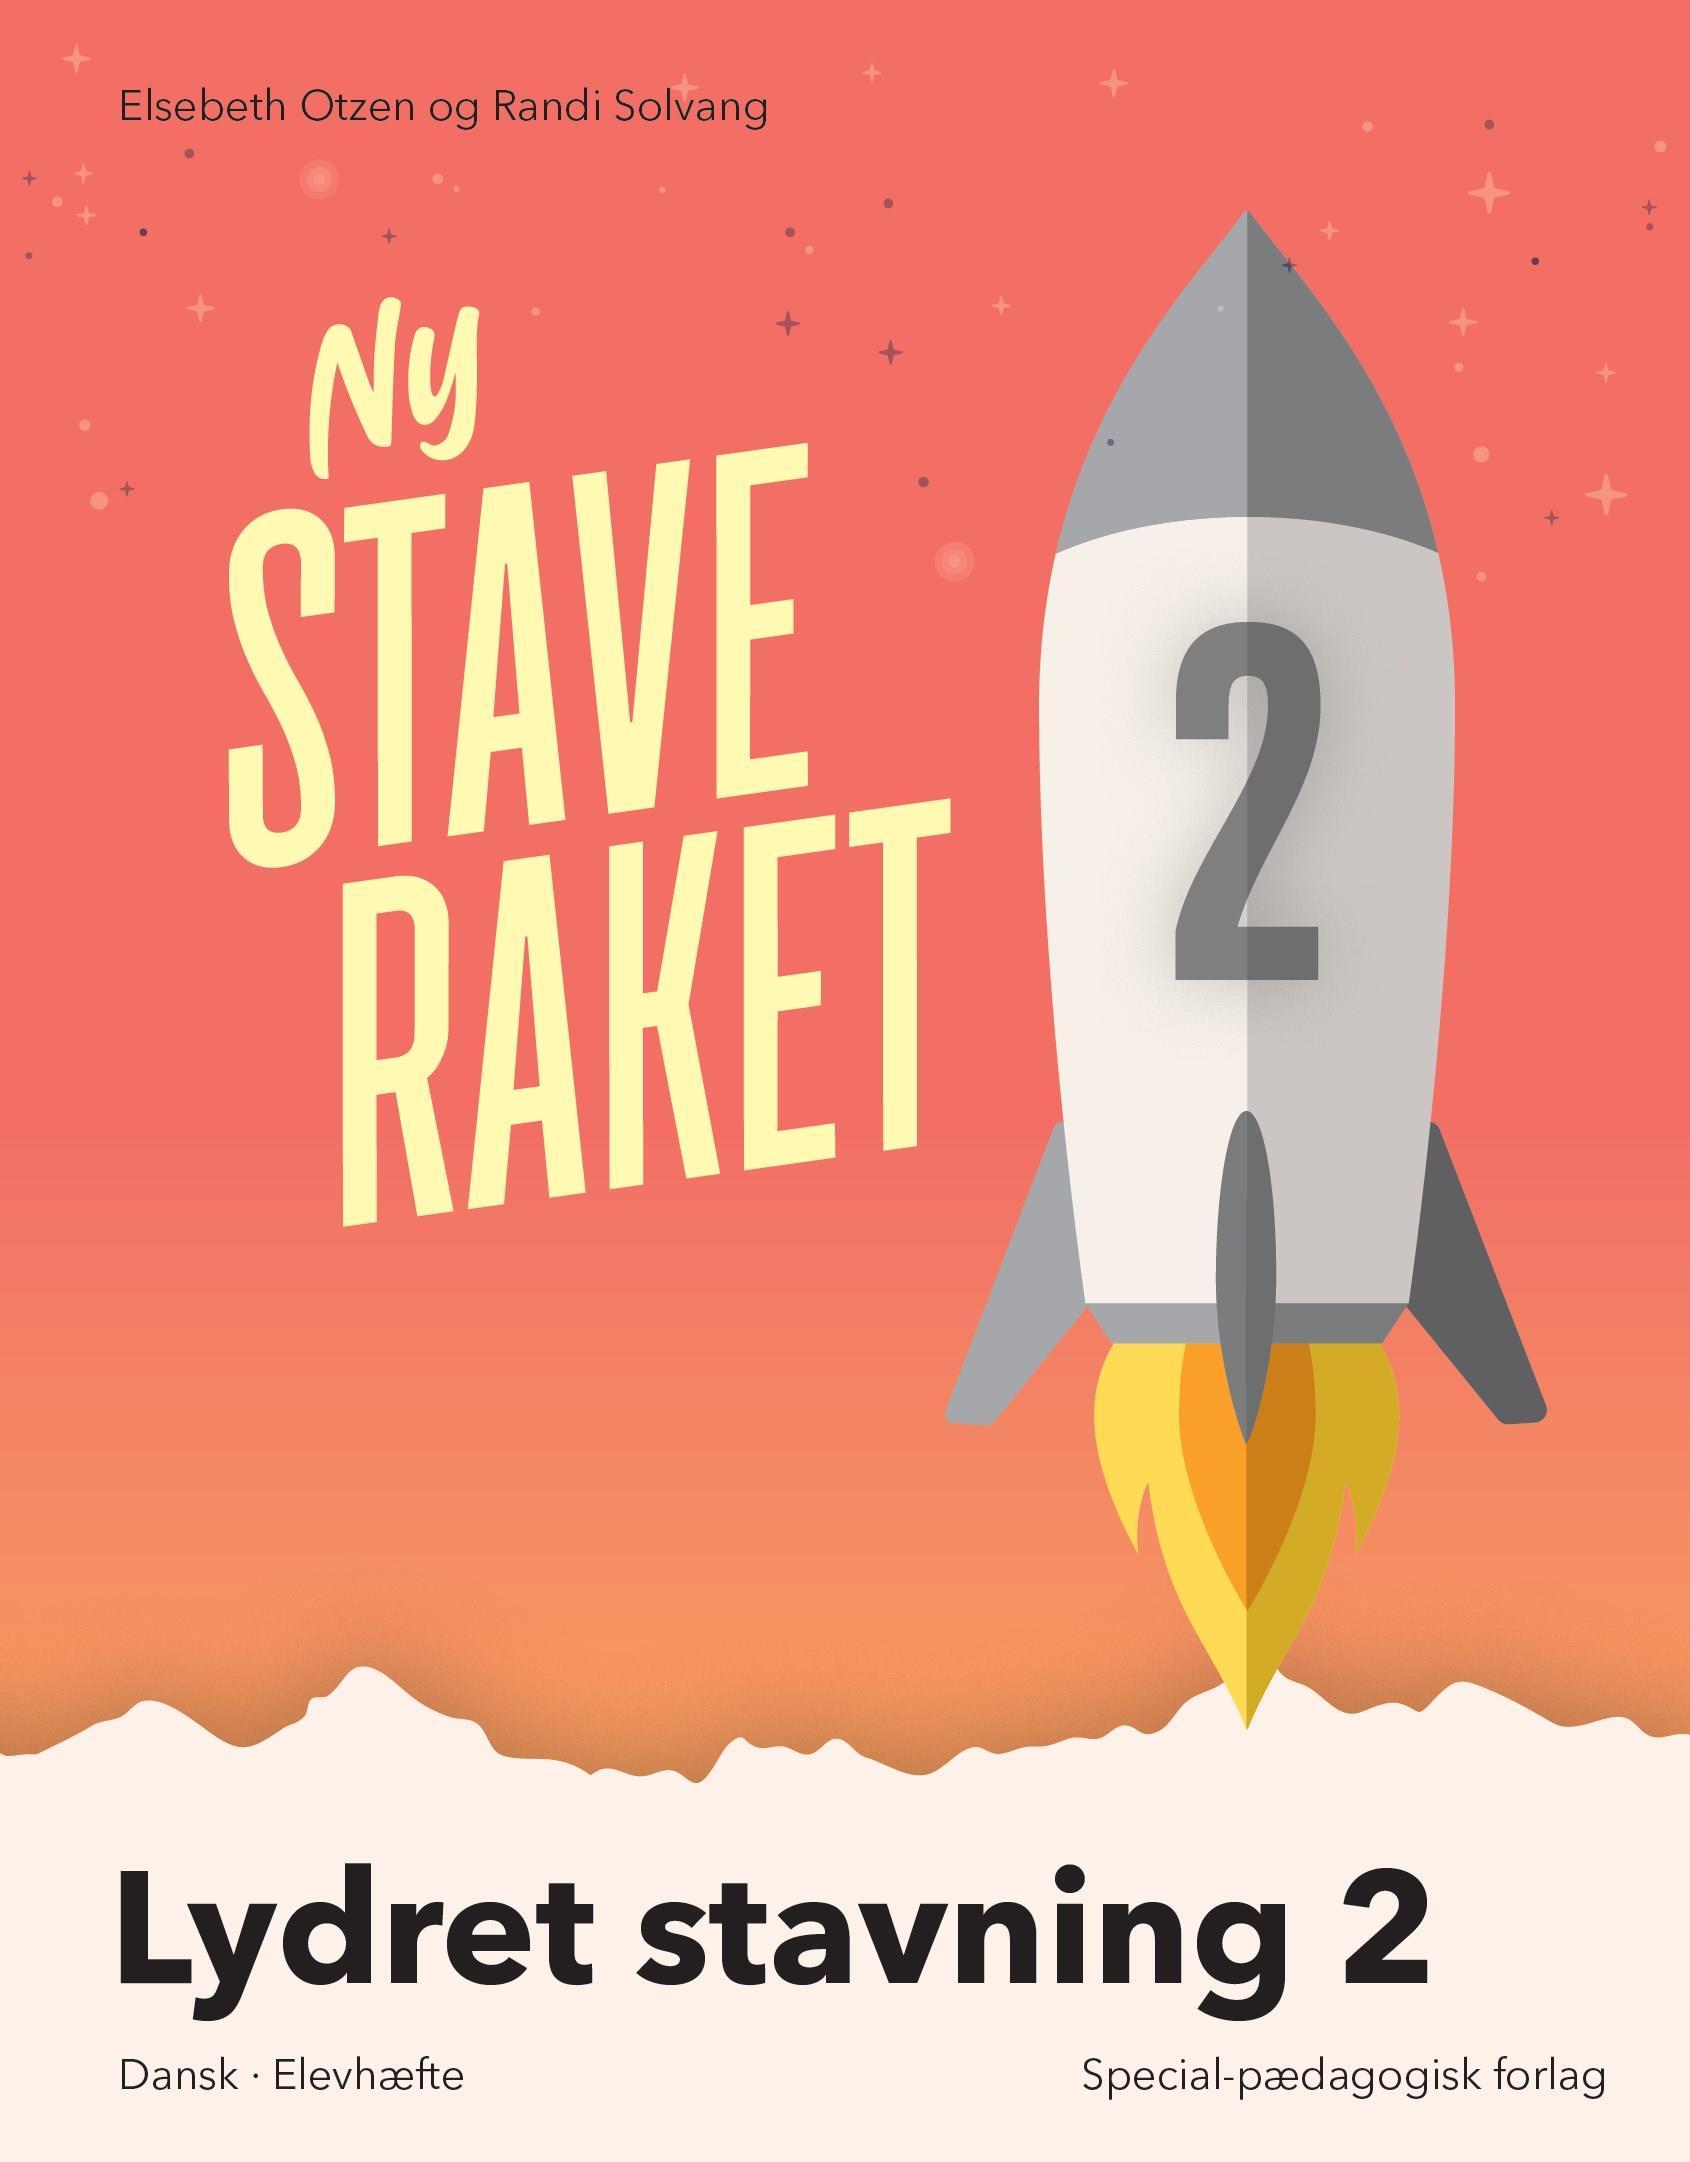 Ny Staveraket: Ny Staveraket, Lydret stavning 2 - Elsebeth Otzen; Randi Solvang - Bøger - Alinea - 9788723540423 - 19/8-2019